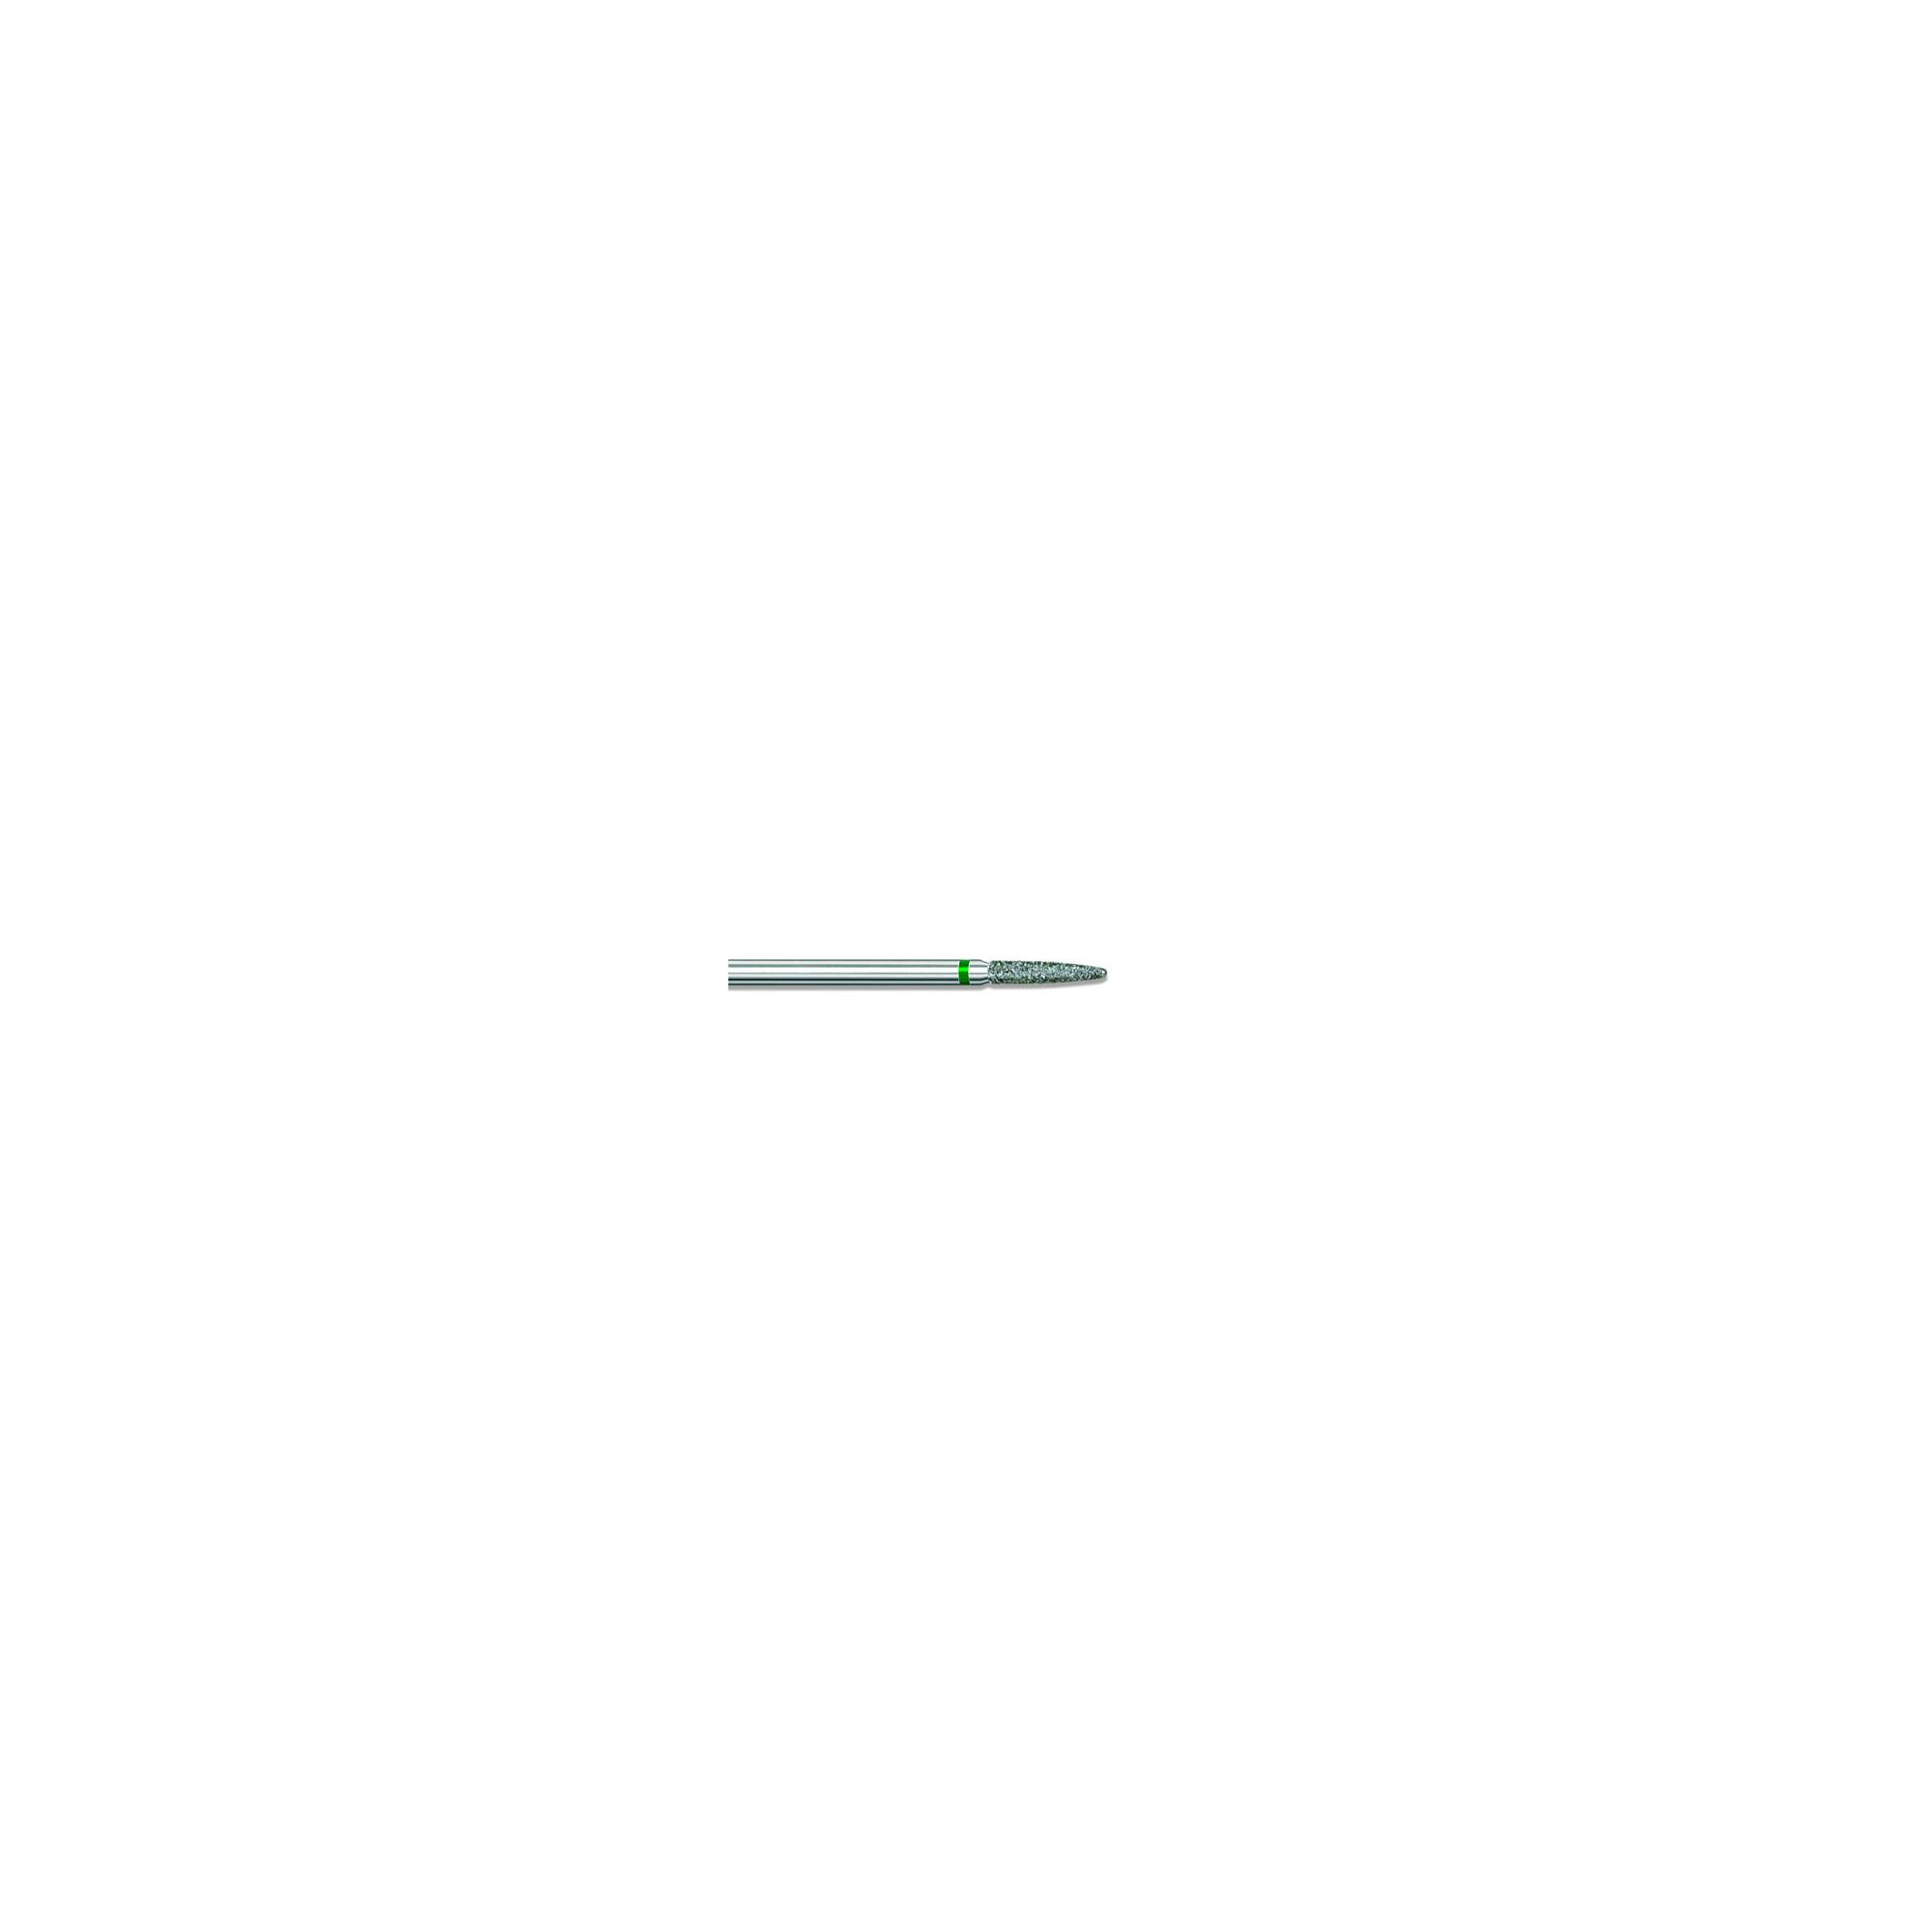 Fraise diamantée standard - Abrasion des callosités et dégrossissage de l'ongle - Gros grain - Pack de 2 fraises - ø1,9mm